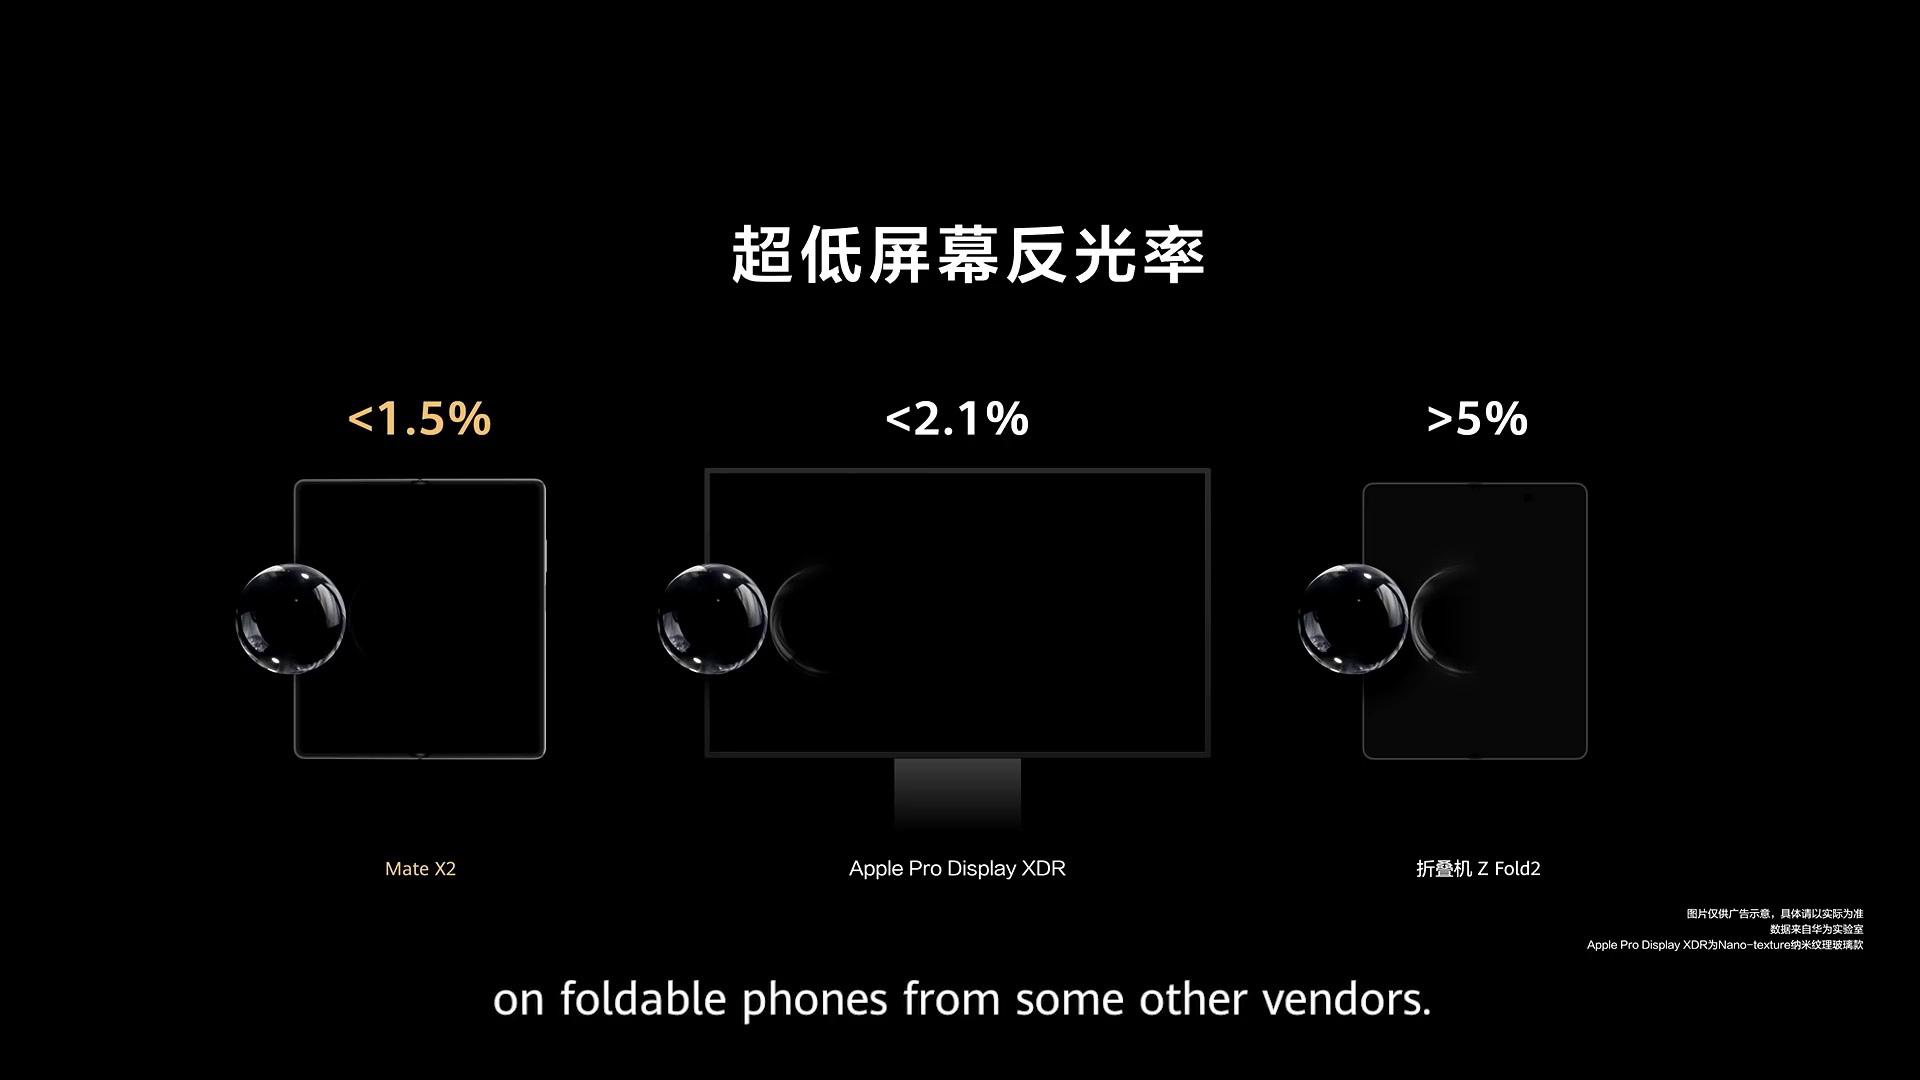 Huawei nói smartphone của mình tốt hơn Z Fold2, iPhone 12 Pro Max, Pro Display XDR, Volvo XC90... như thế nào? - Ảnh 8.